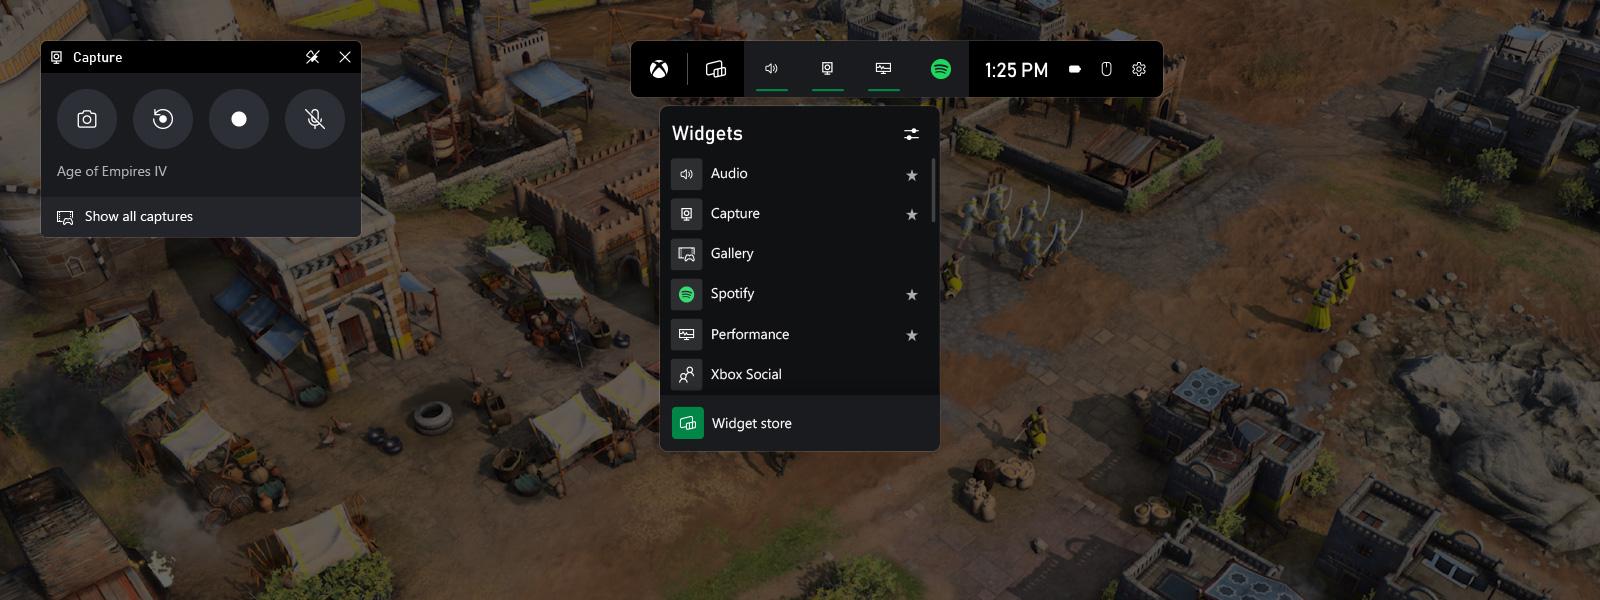 Schermata di acquisizione e trasmissione della schermata sulla dashboard di Xbox